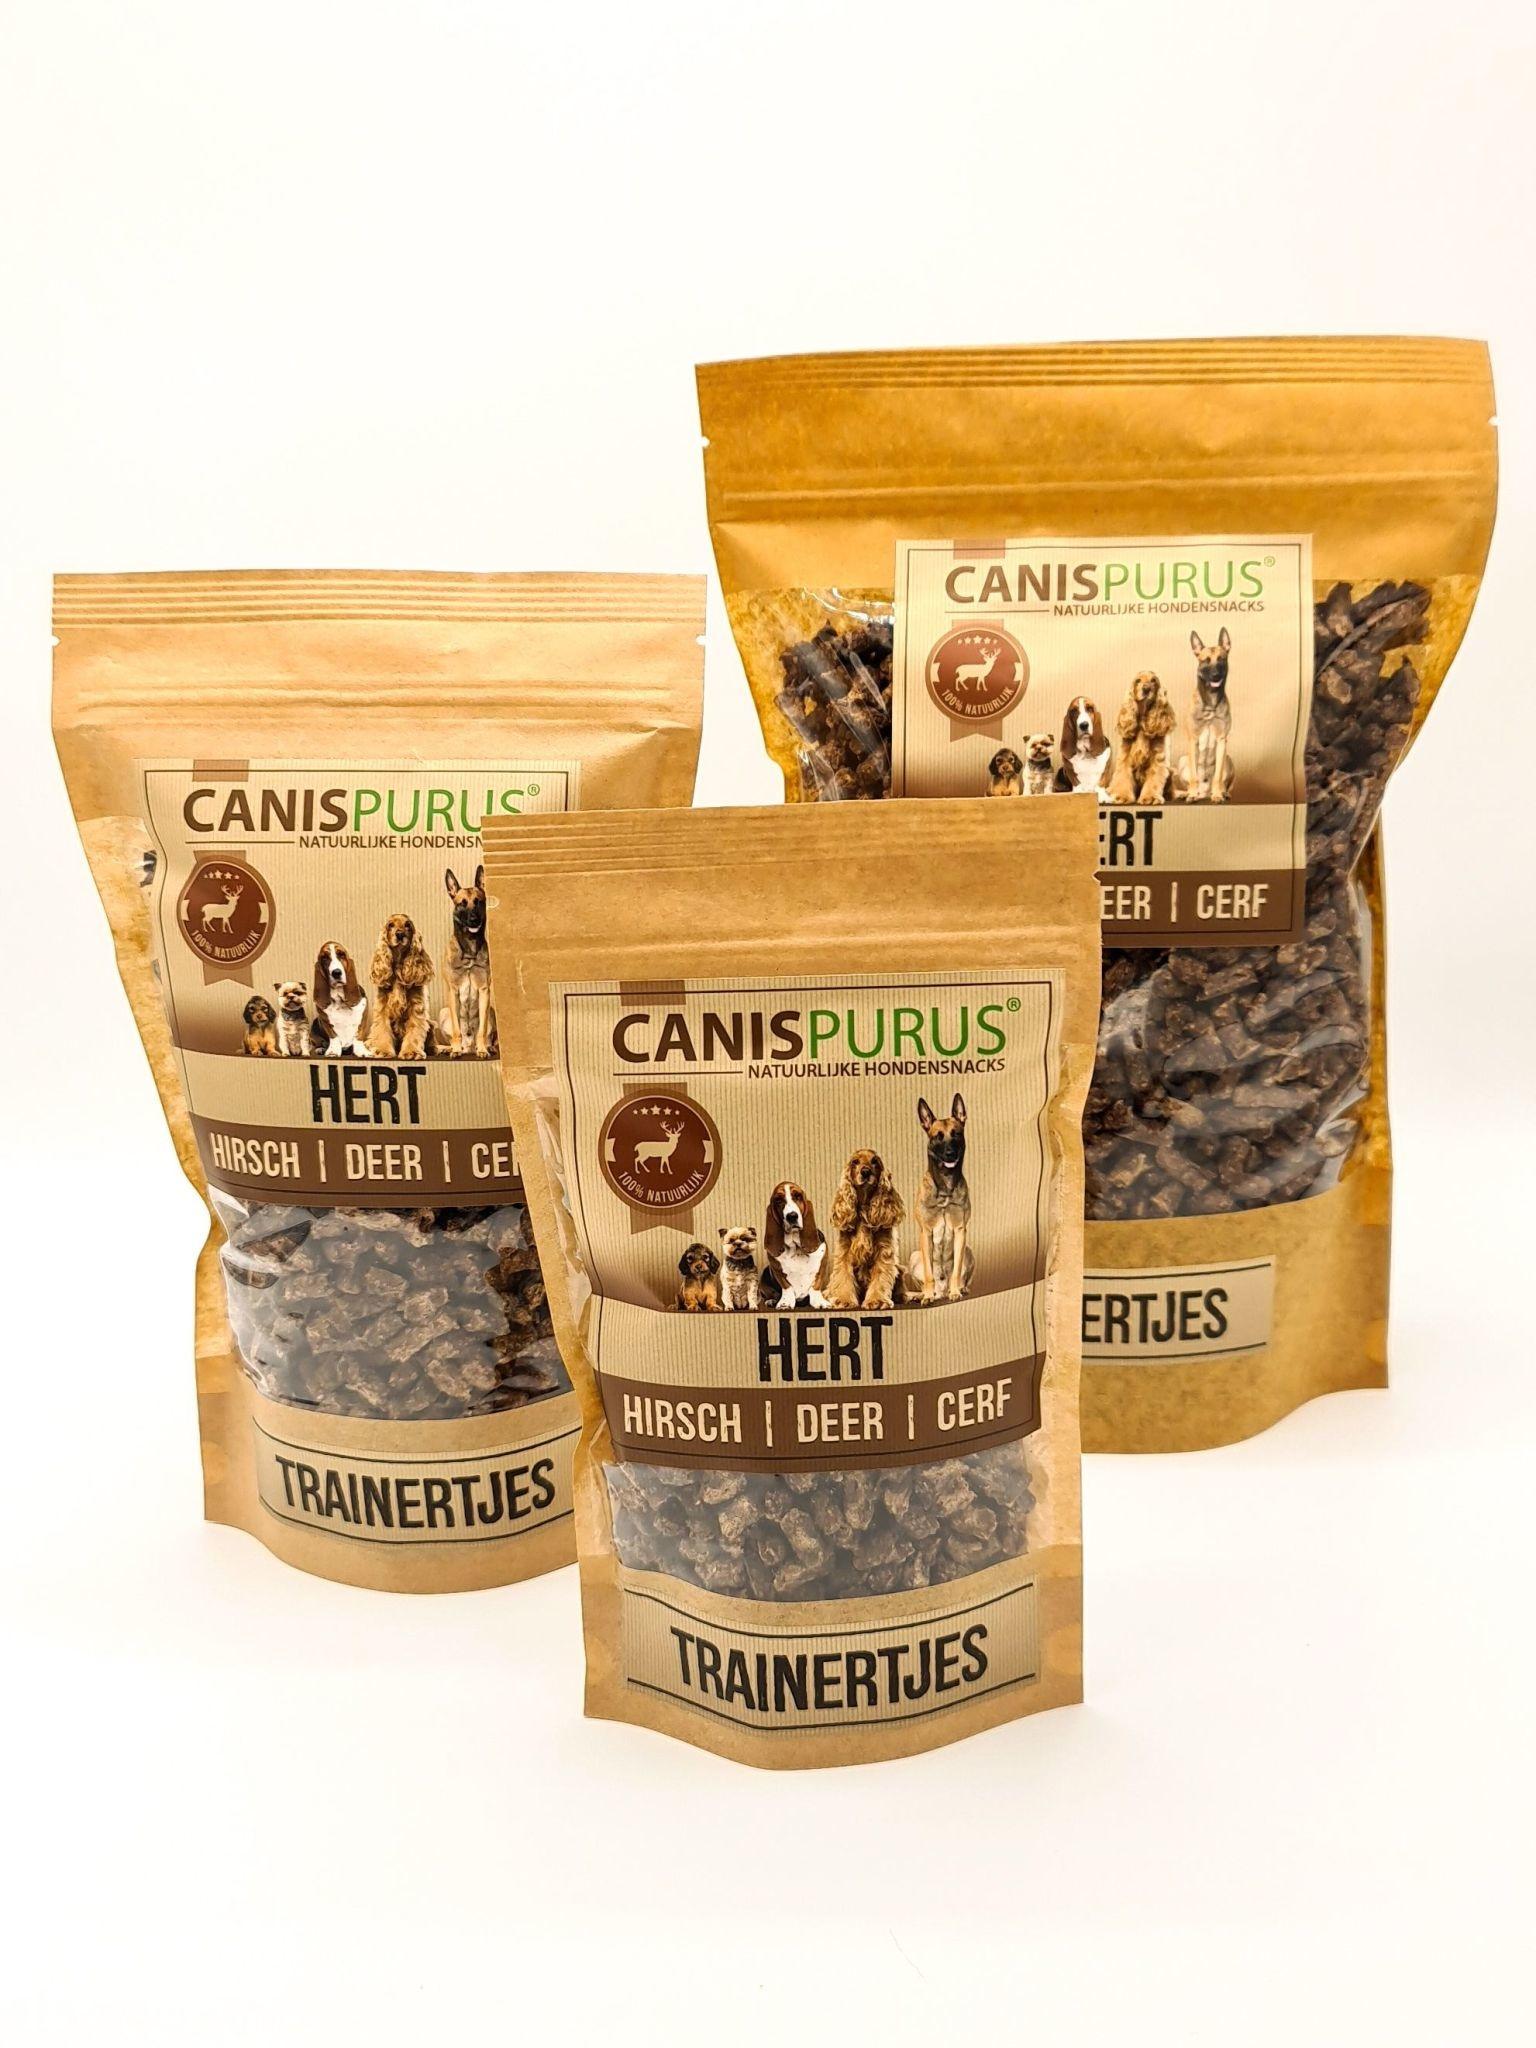 Canis Purus Canis Purus trainertjes hert 200 gr